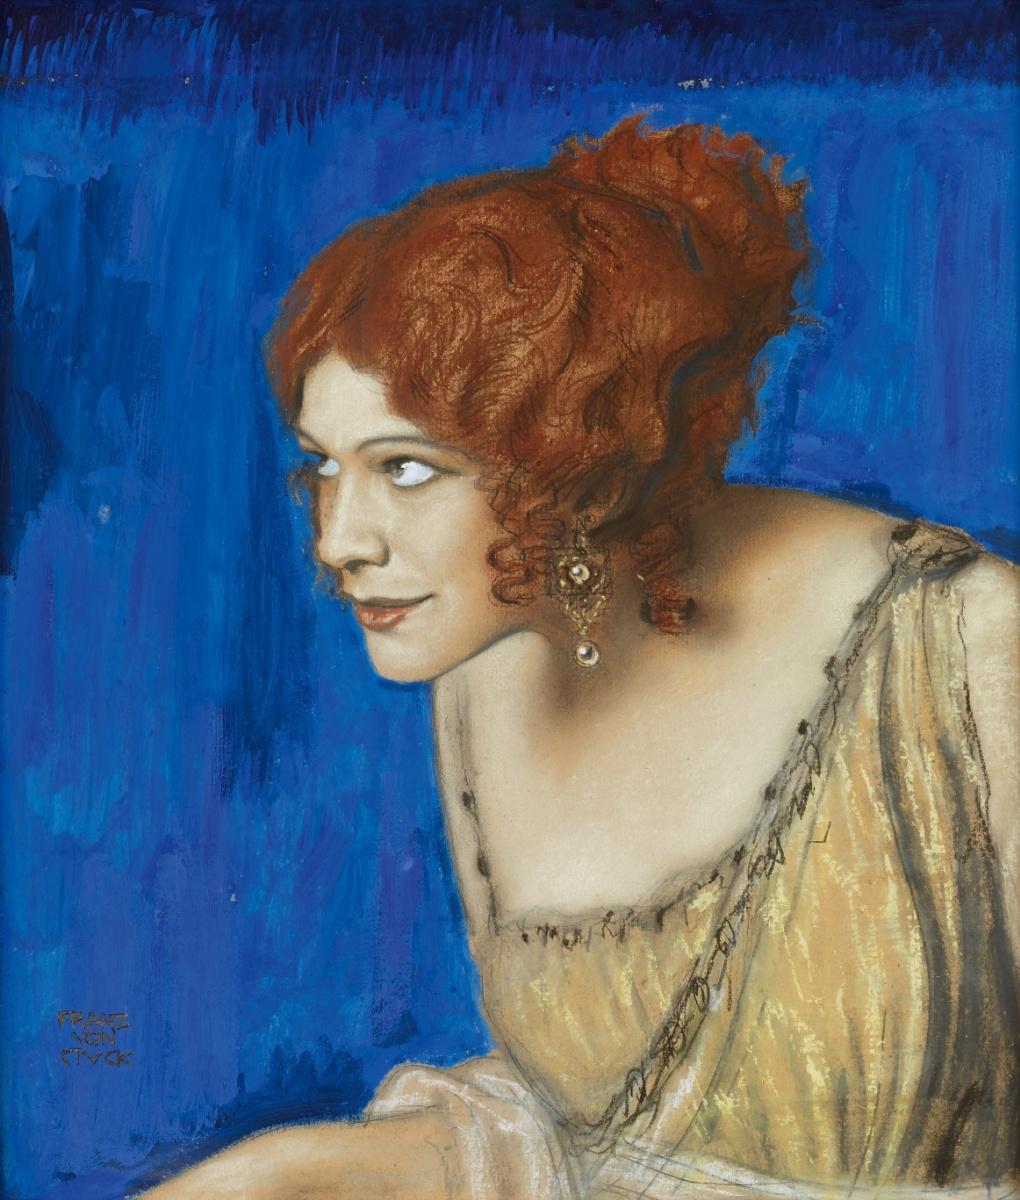 Franz von Stuck. Tilla Durie in the form of Circe. 1913